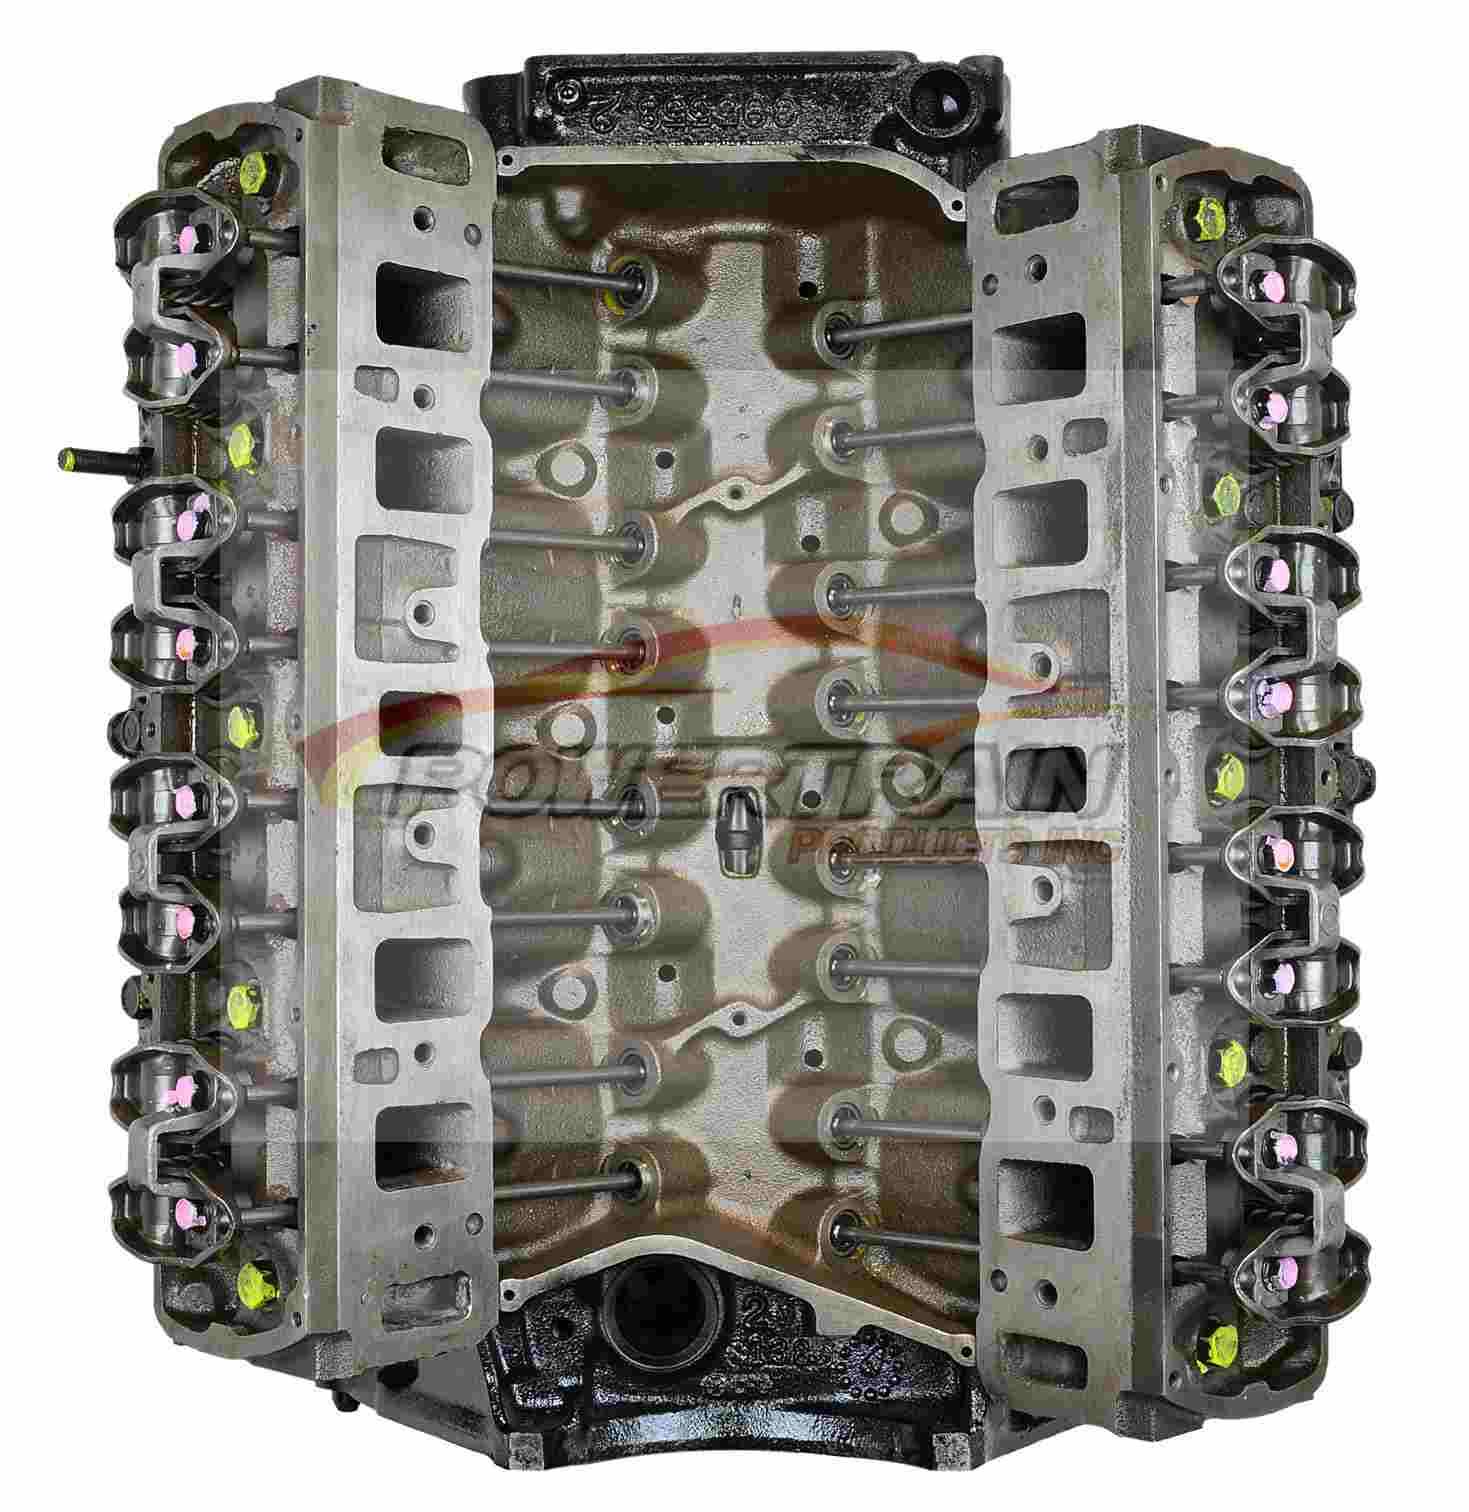 Oldsmobile 350 5 7 V8 68-76 comp engine